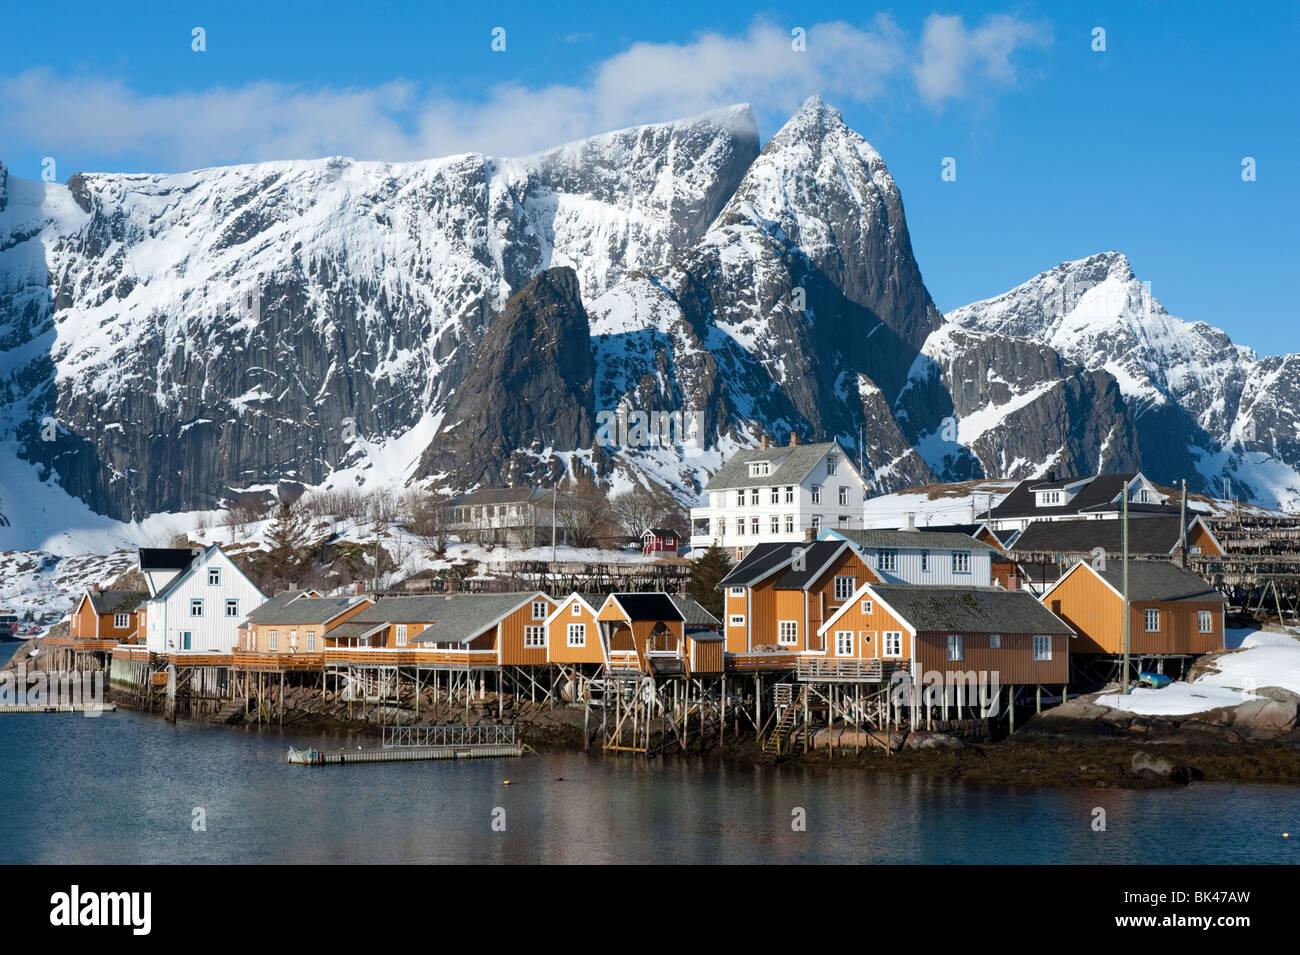 Traditionelle hölzerne Rorbu Fischerhütten im Dorf von Sakrisoy auf Moskenesoya Insel auf Lofoten in Norwegen Stockbild